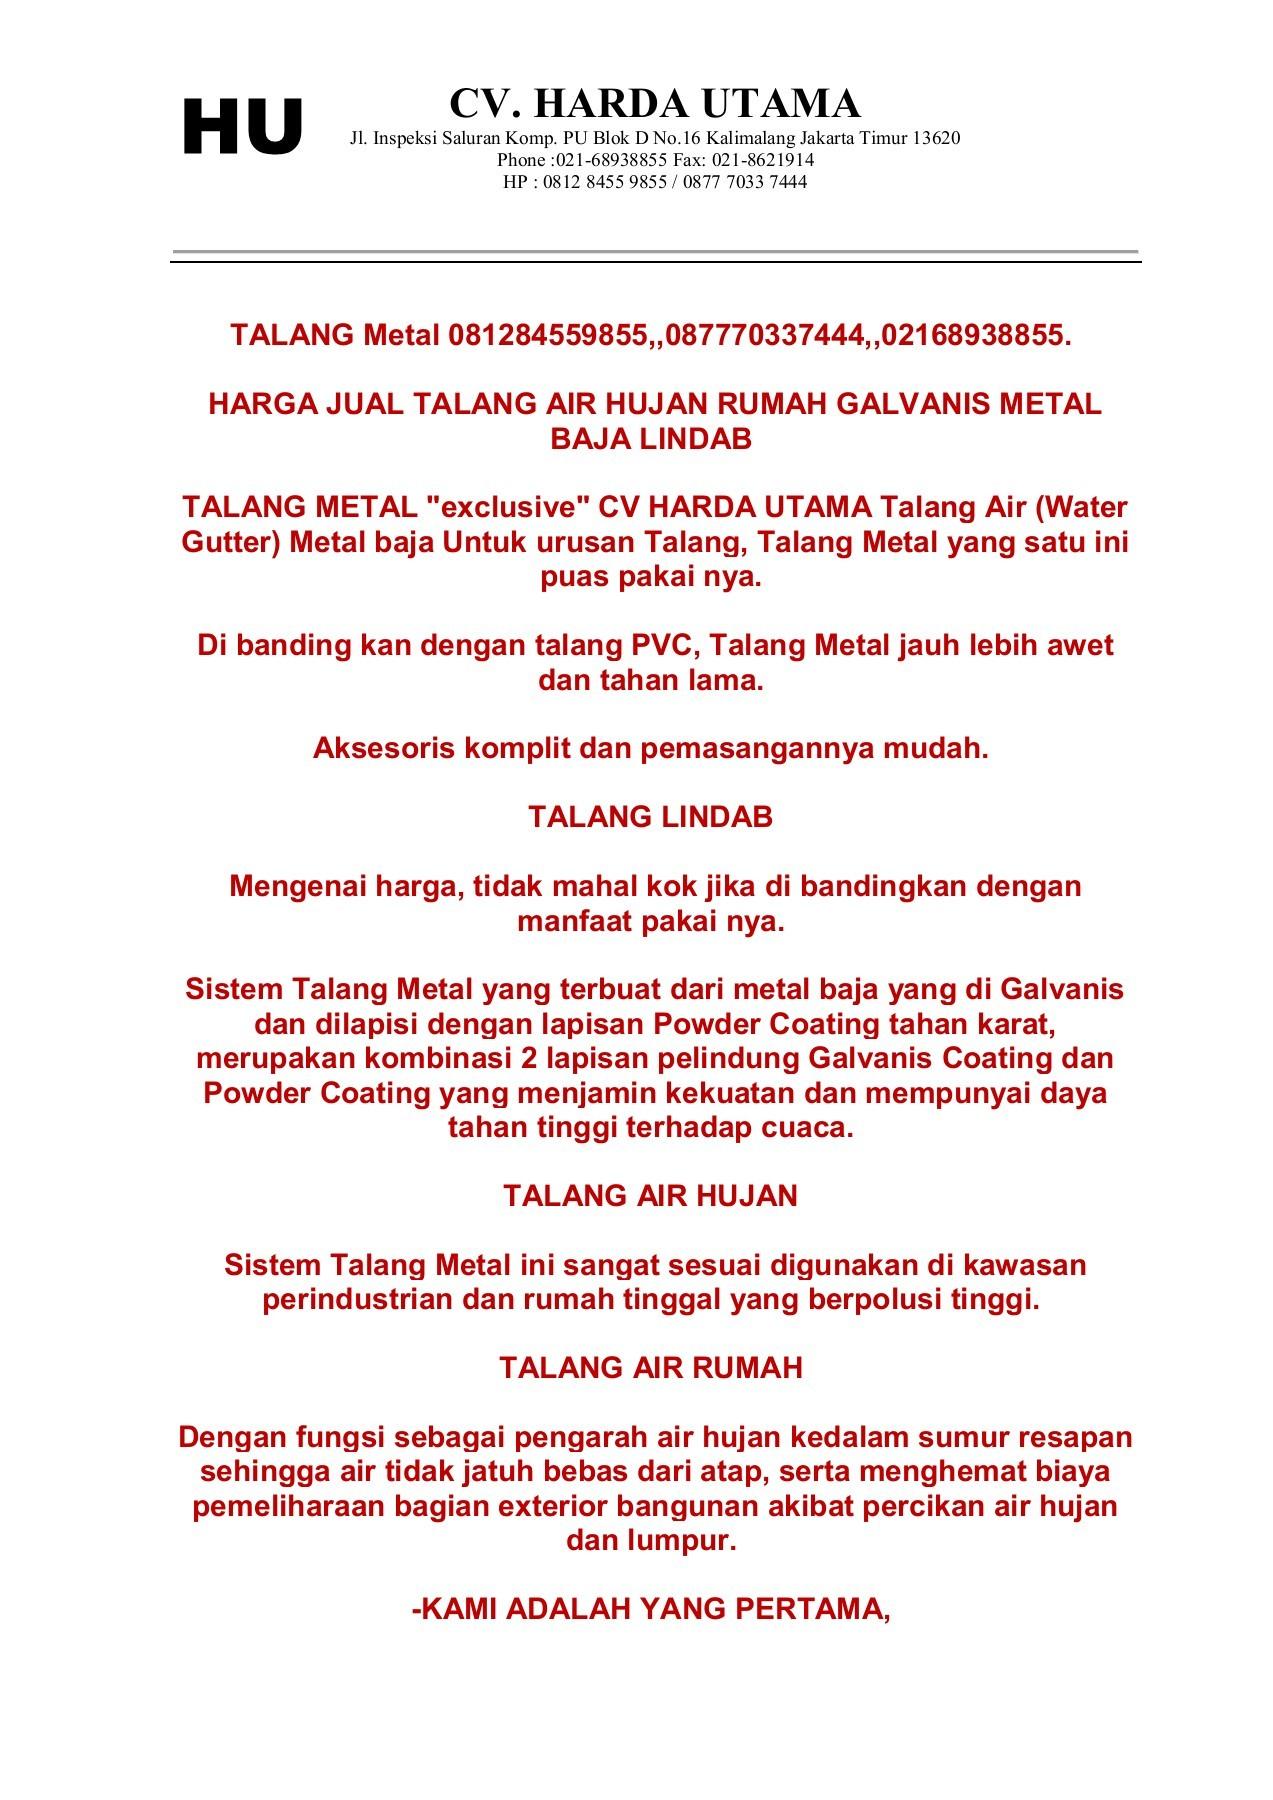 Daftar Harga Jual Talang Air Hujan Atap Rumah Galvanis Metal Pdf Solahartpromoduo Flip Pdf Pubhtml5